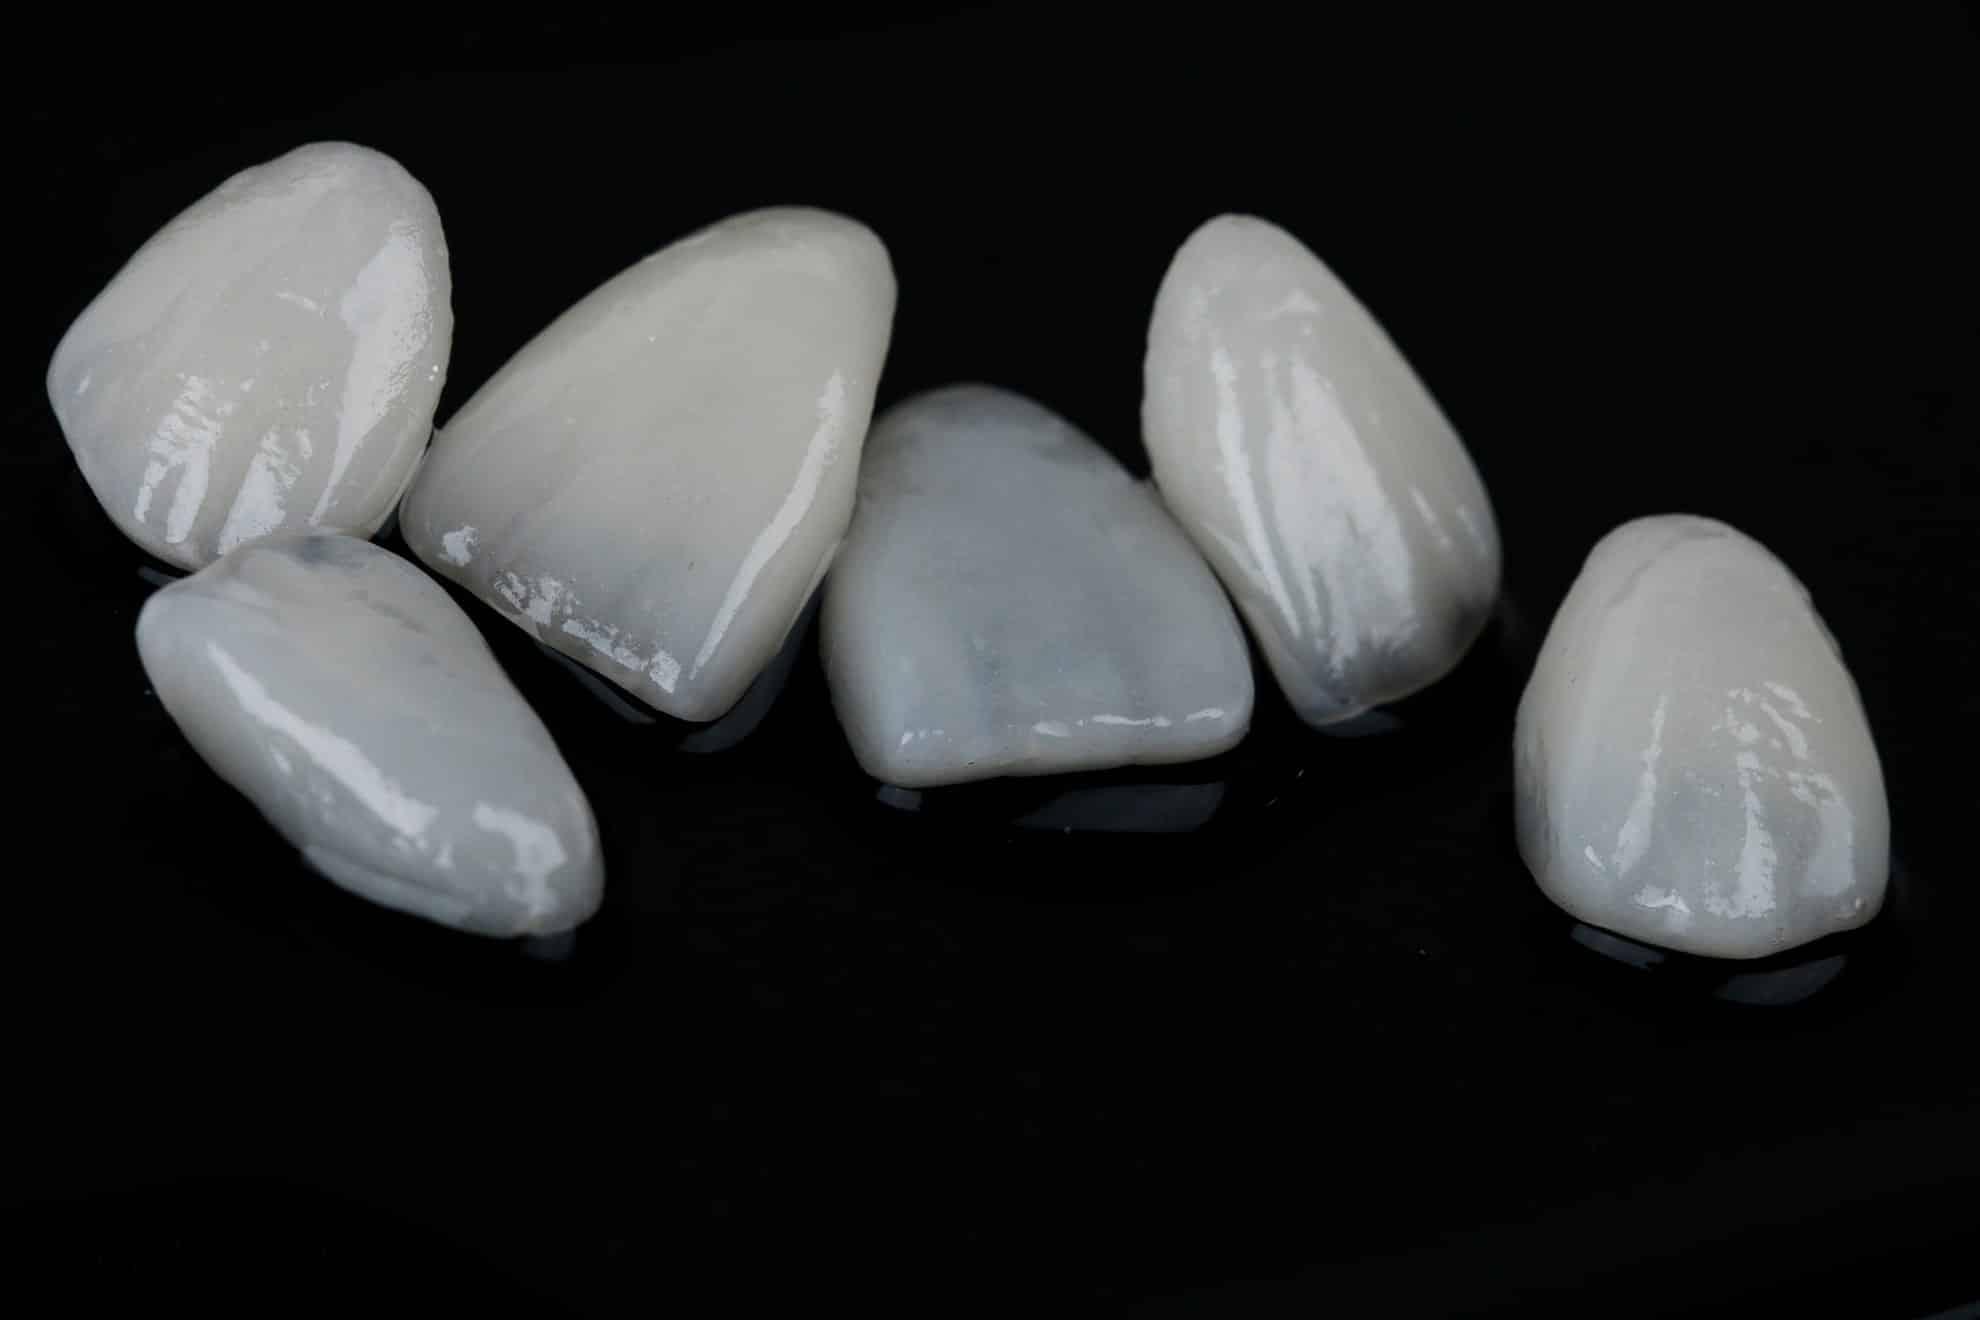 ציפוי חרסינה לשיניים יתרונות וחסרונות 2